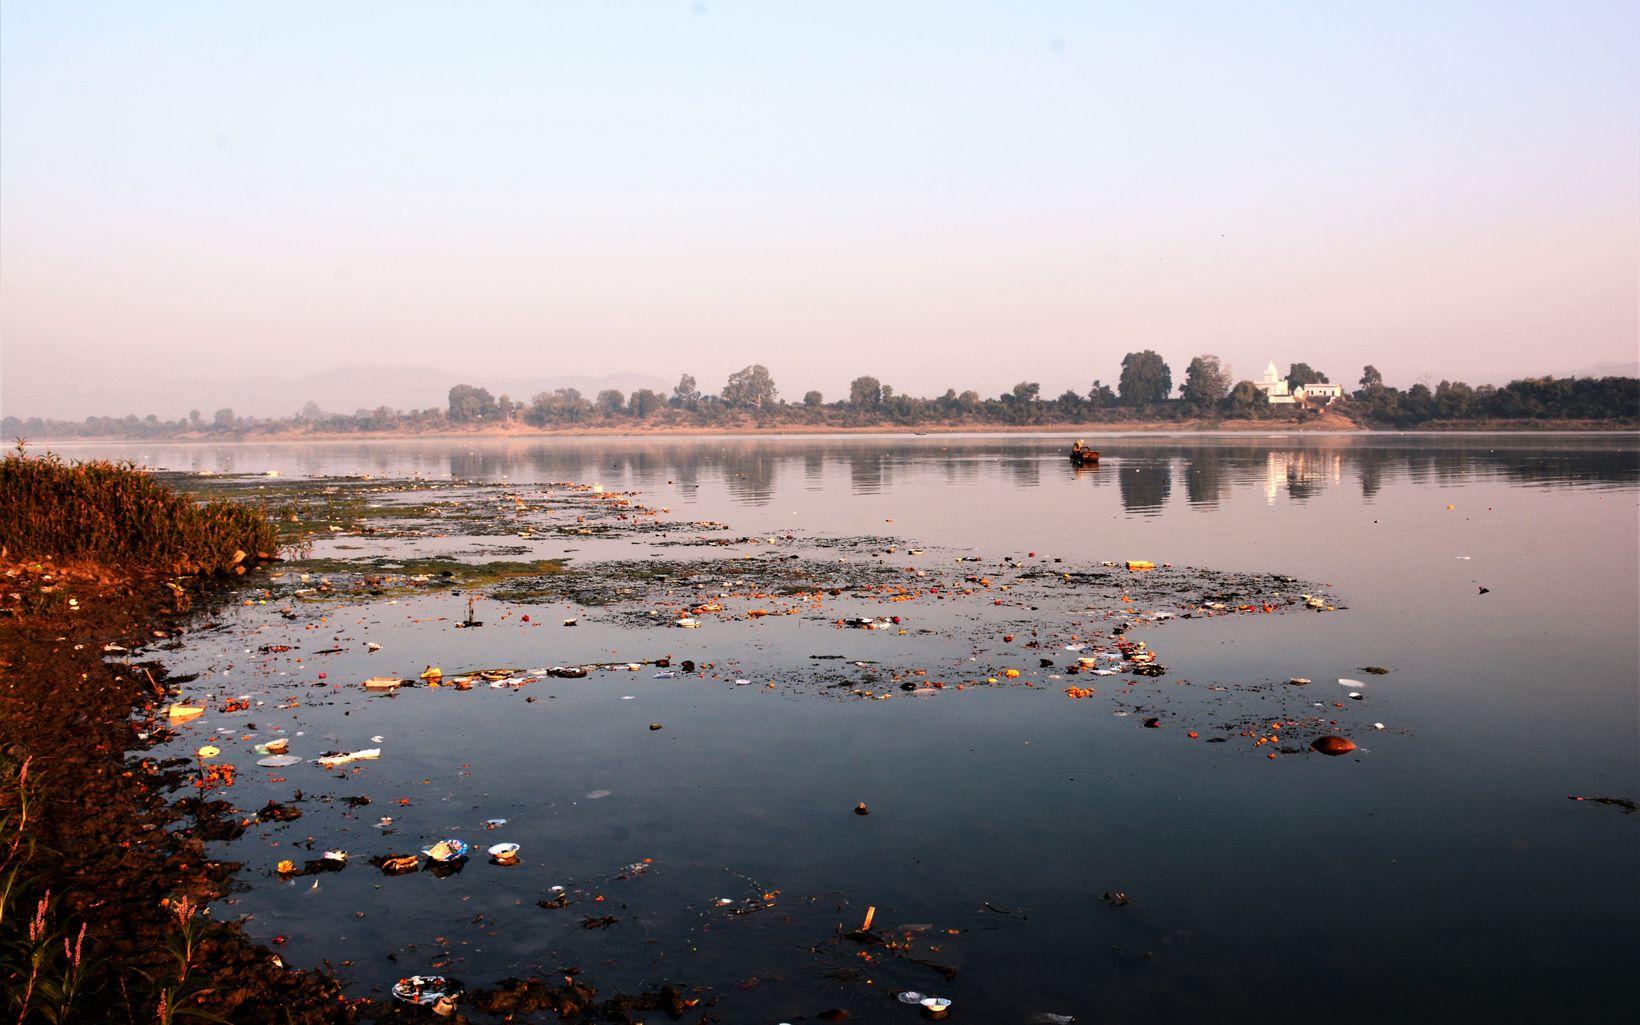 thrown into River Narmada